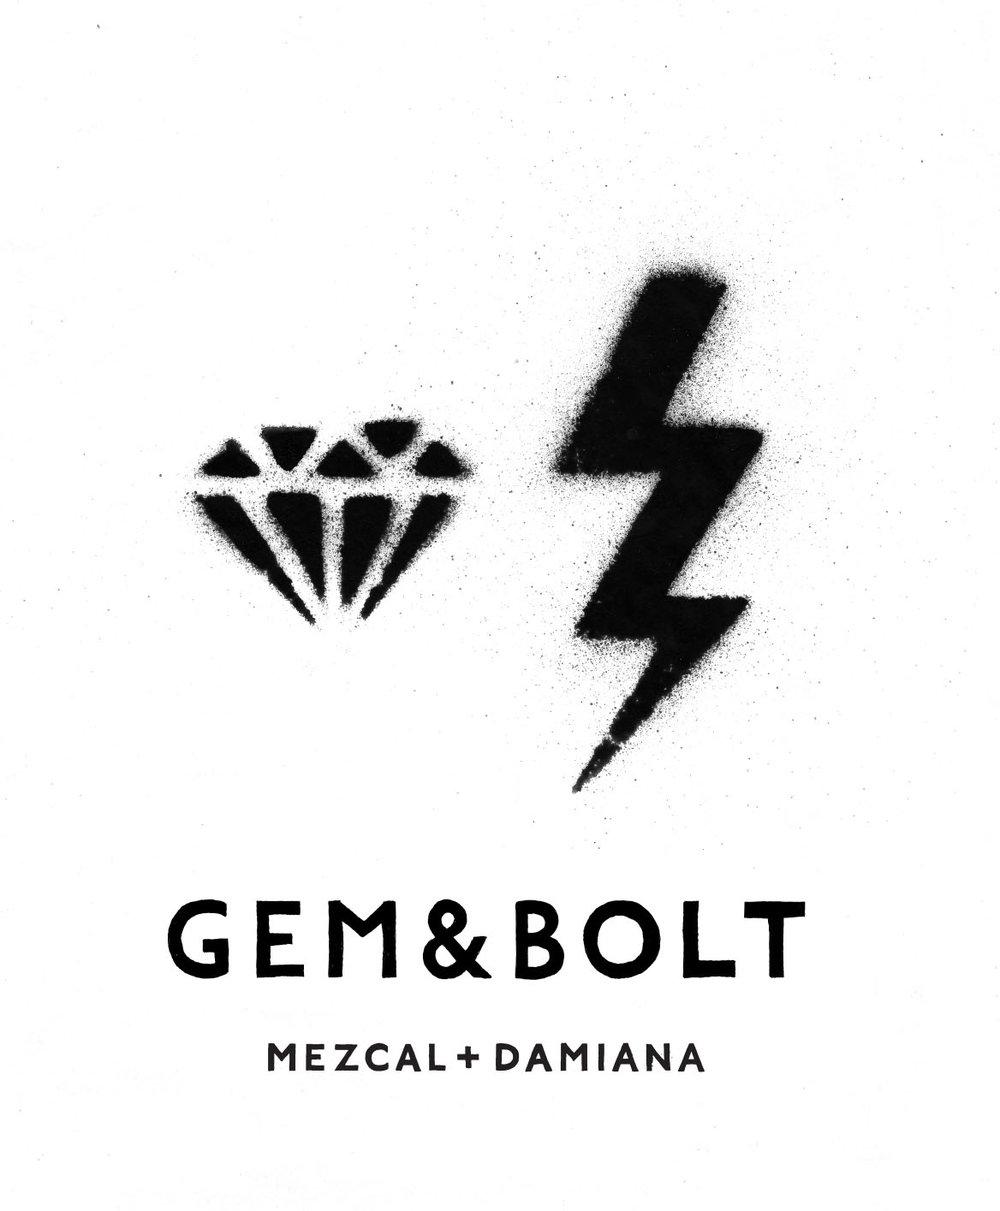 Logo + Name orignal non-vector.jpg